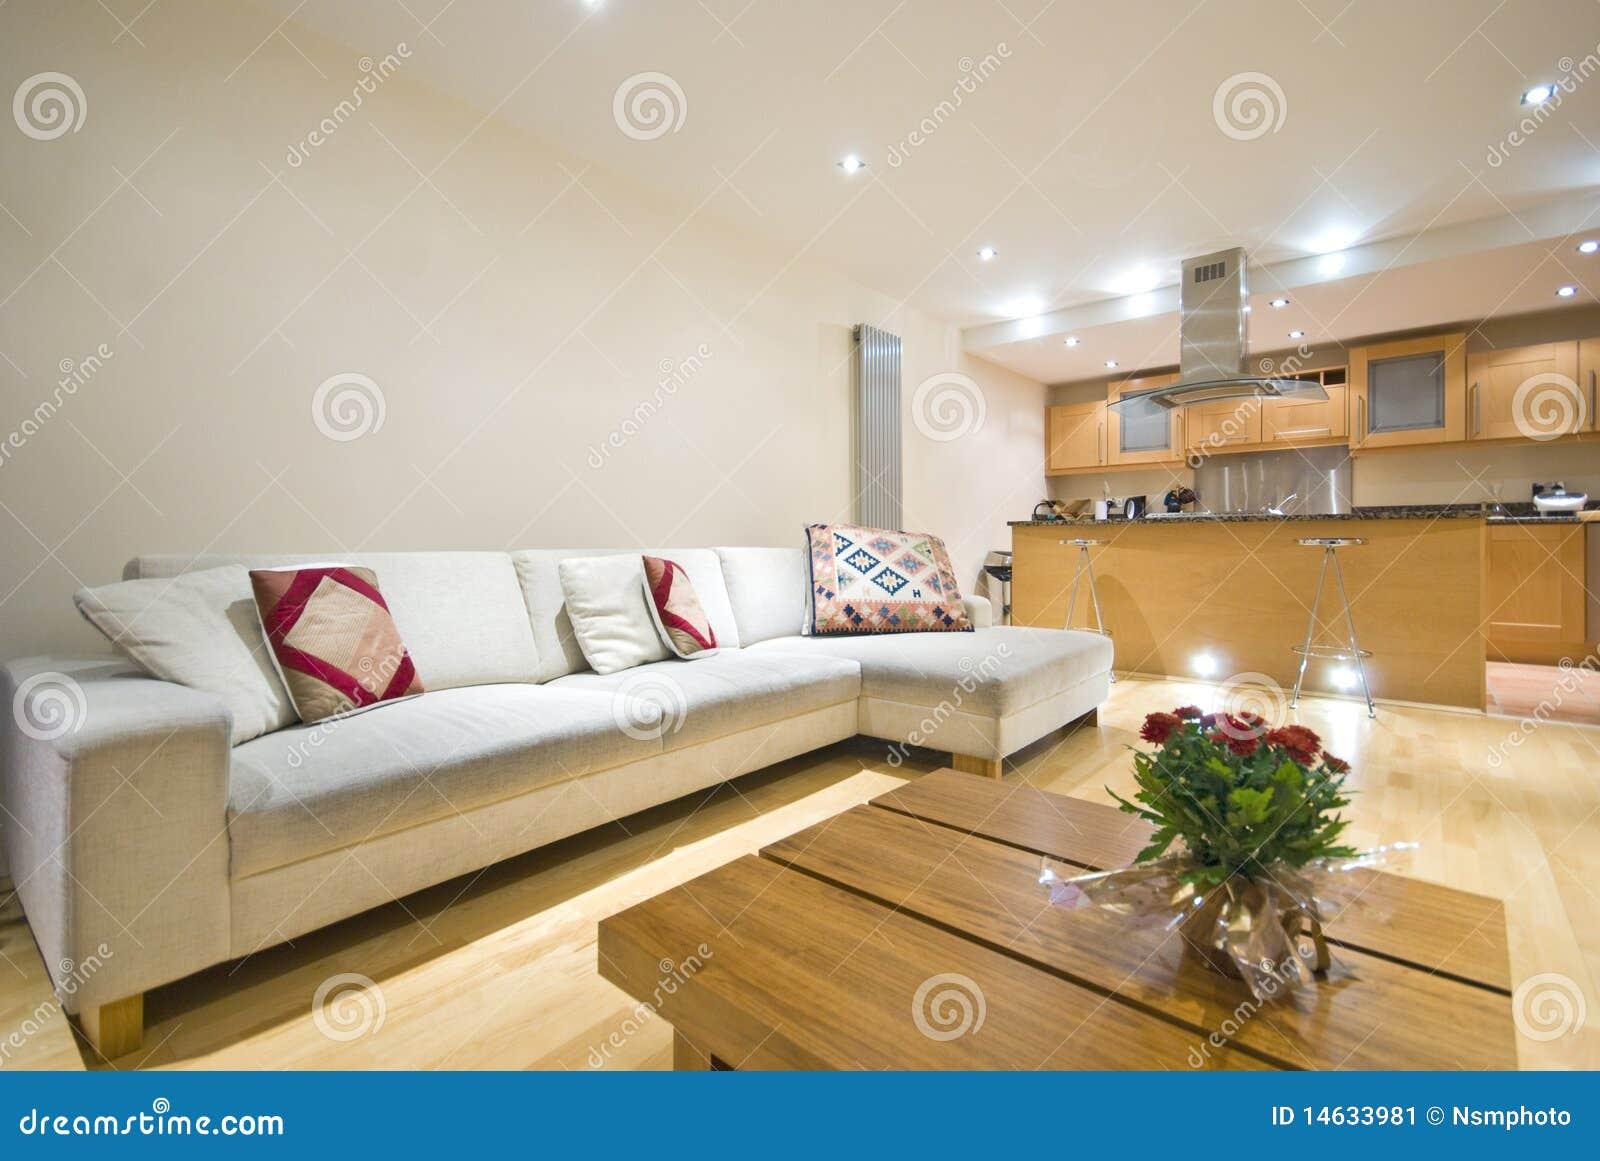 Lambris Salle De Bain Castorama : Image stock Salle de séjour et cuisine ouvertes modernes de plan